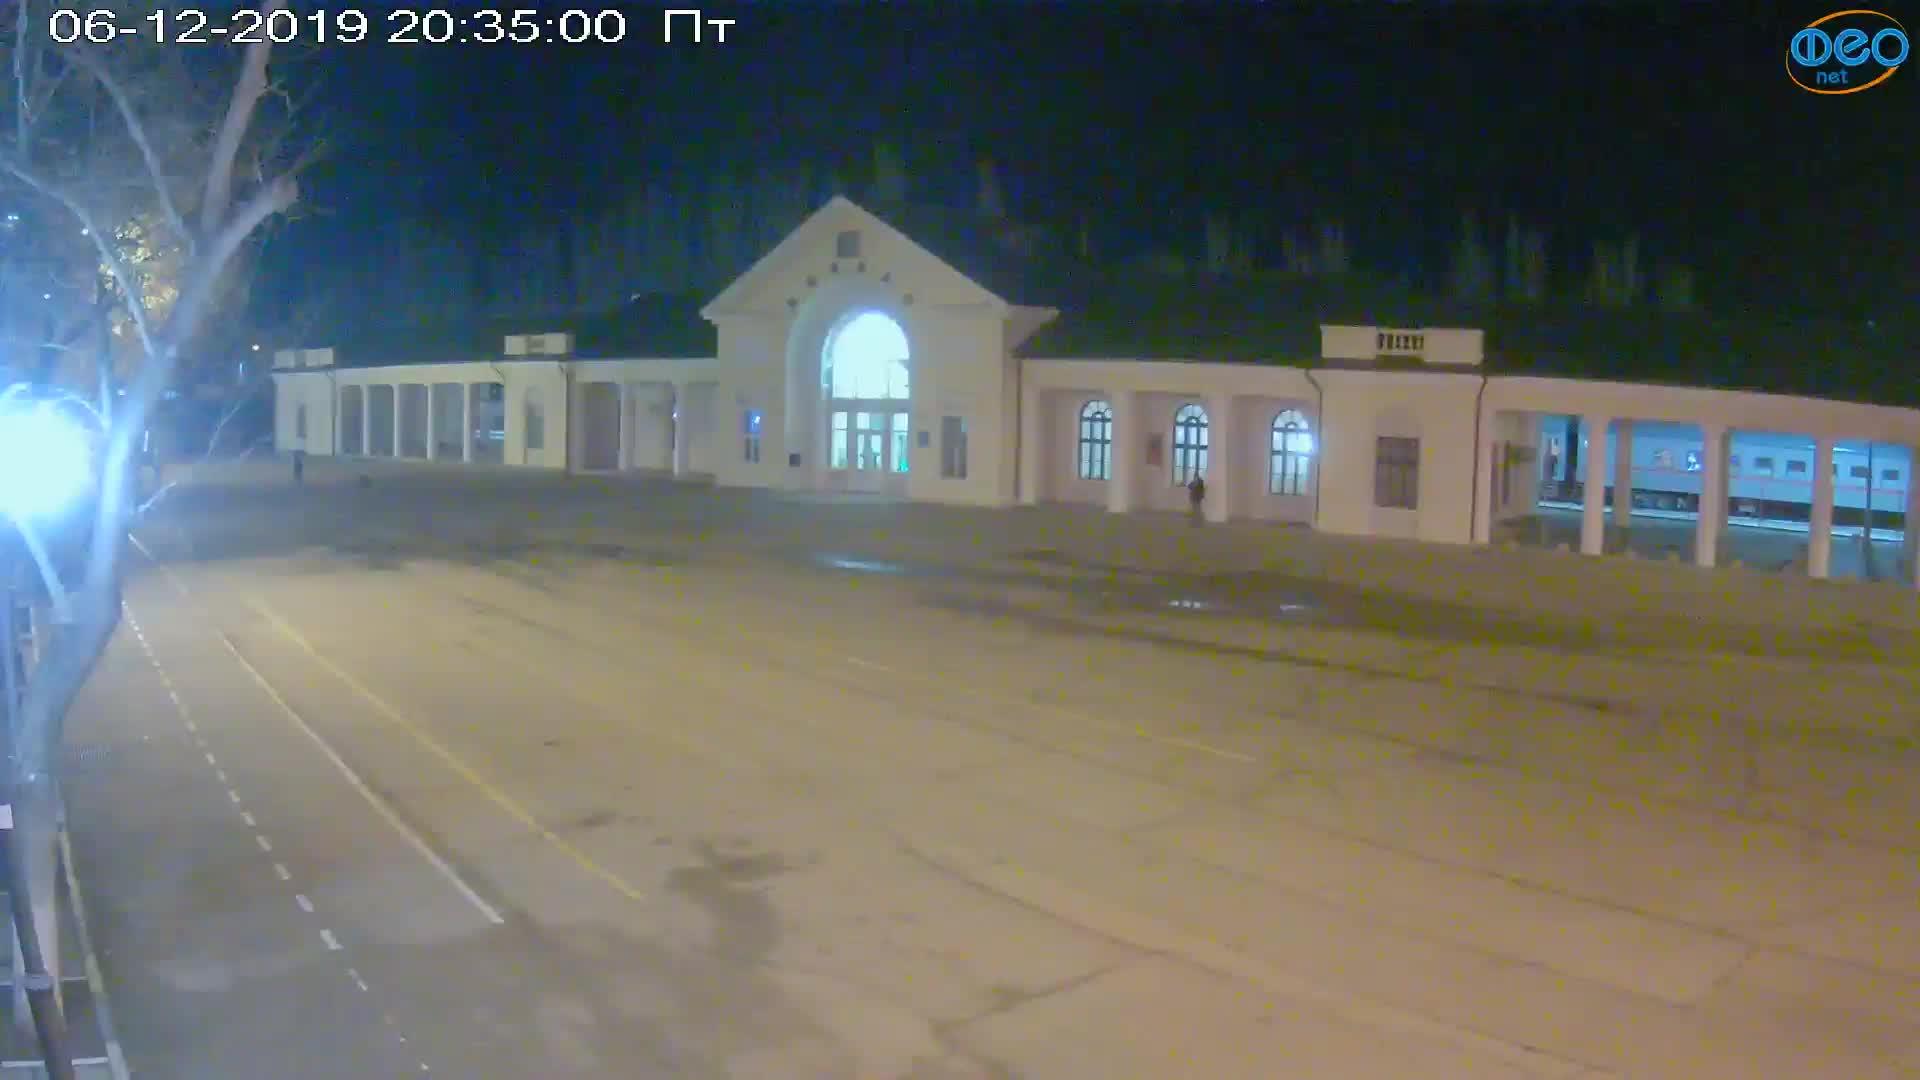 Веб-камеры Феодосии, Привокзальная площадь, 2019-12-06 20:35:20